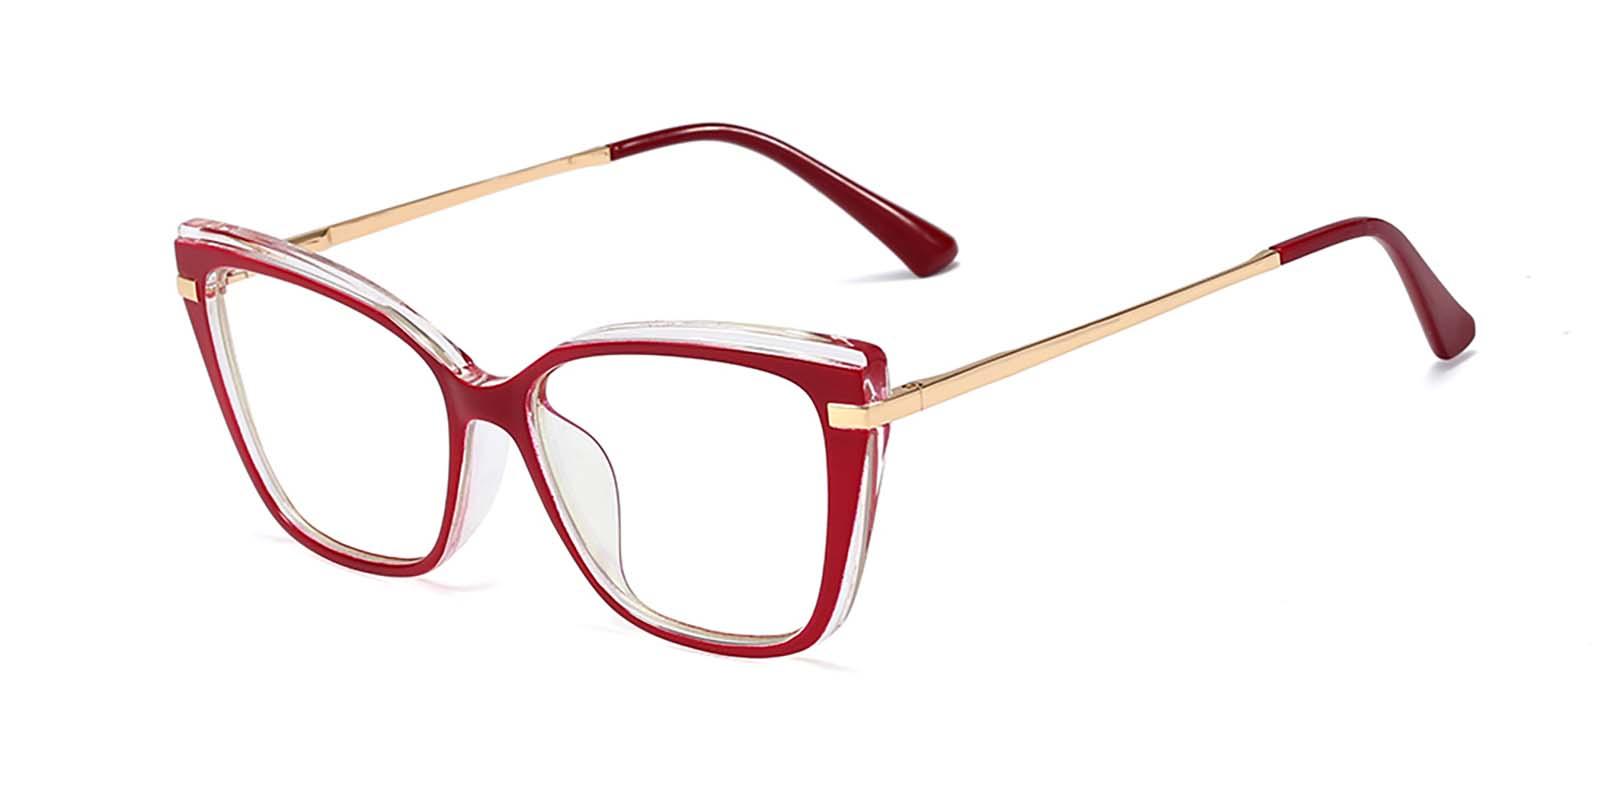 Indira-Retro cat eye eyewear spring hinge glasses